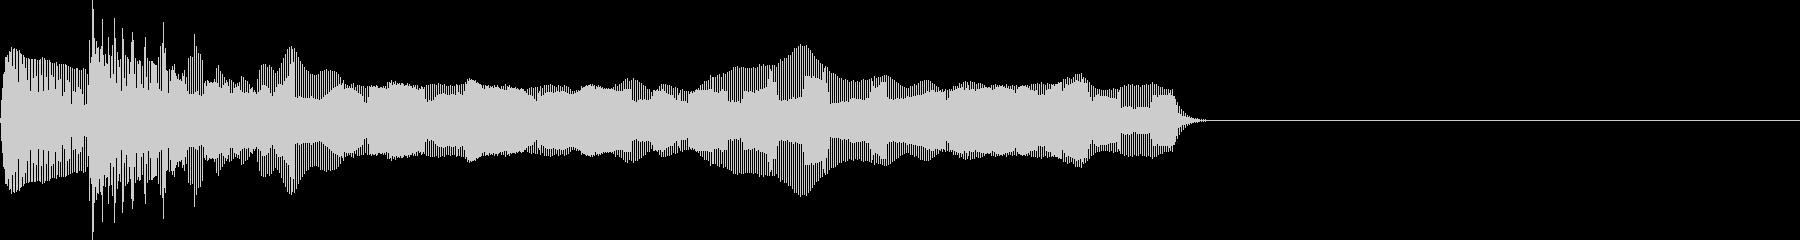 お馴染みのインパクト音!レゲエホーン2回の未再生の波形